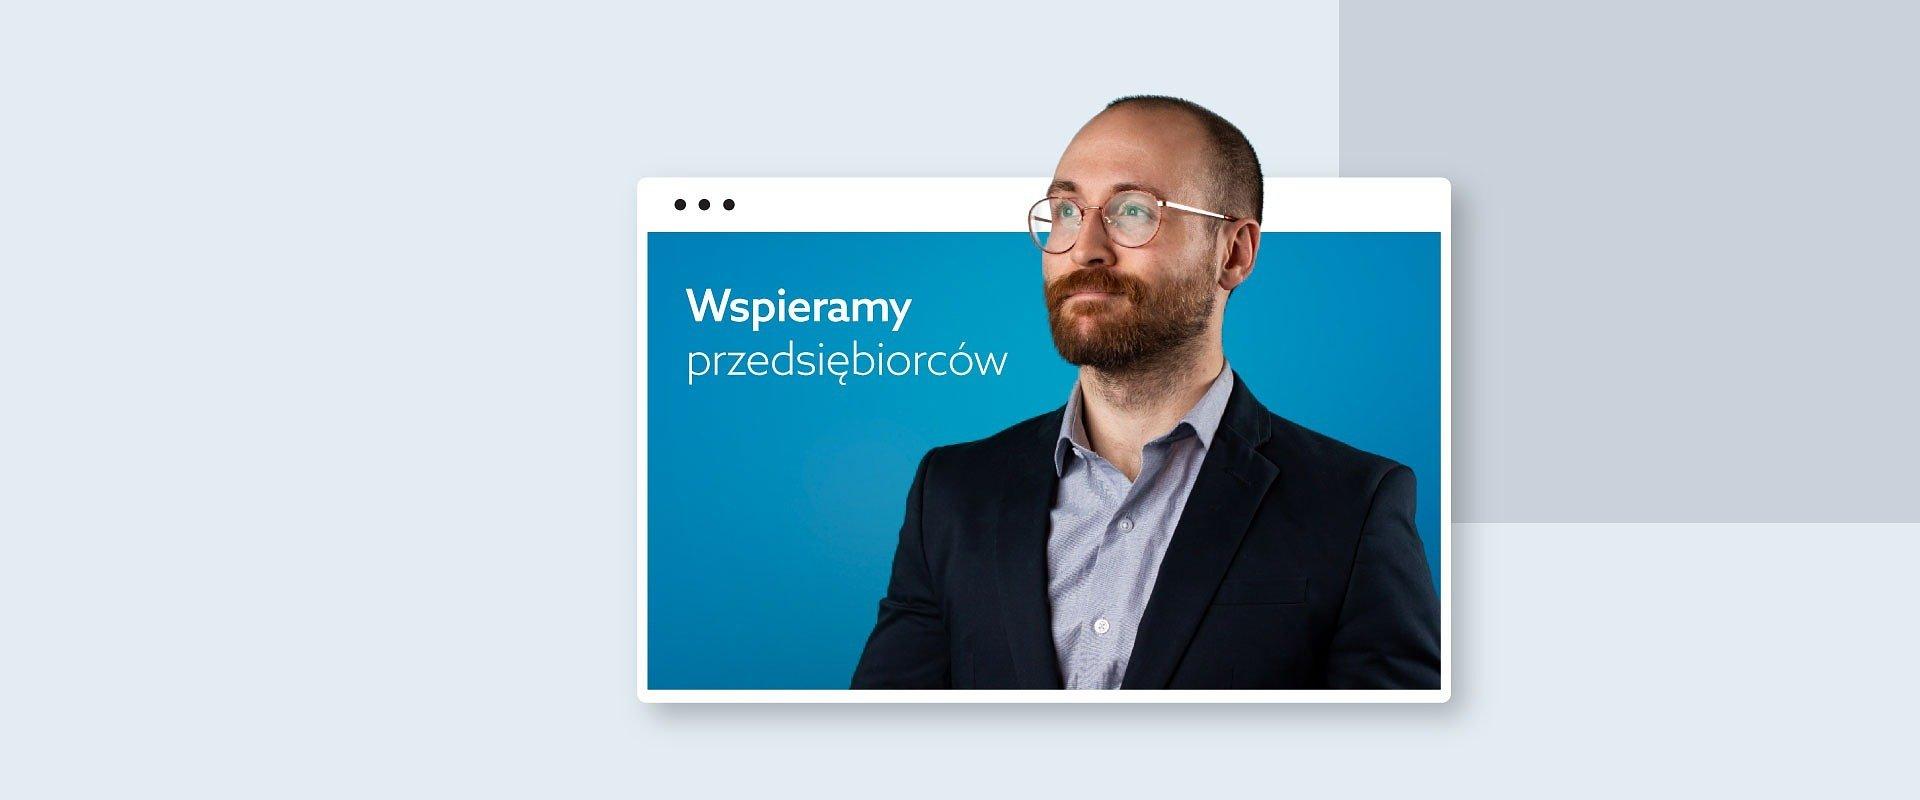 home.pl wspiera firmy w trudnym czasie